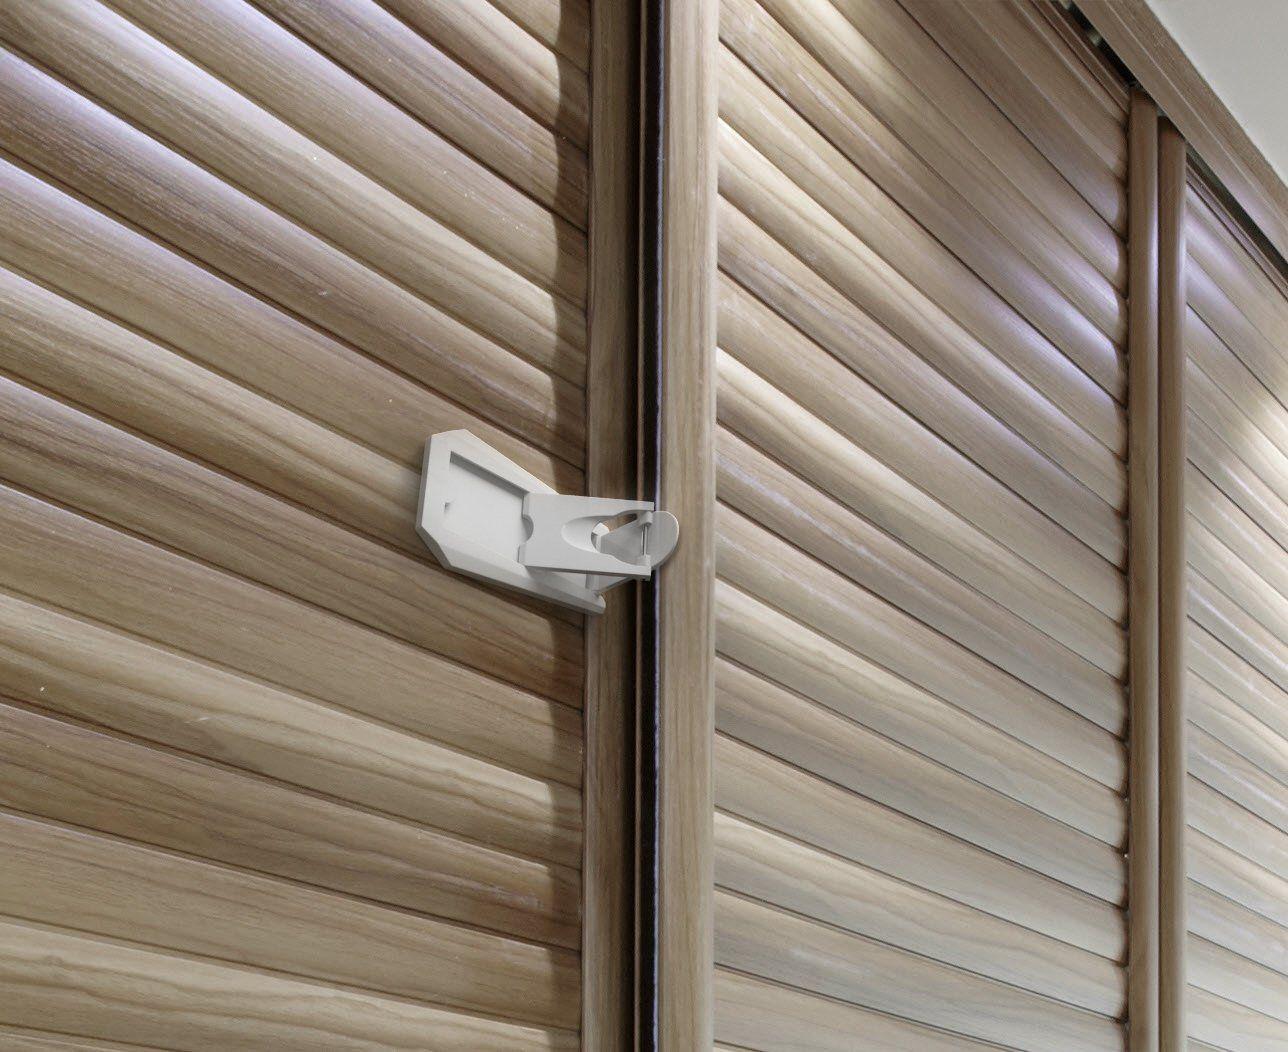 SB22 Sliding Door Lock, Grey/White 2 Pack Sliding